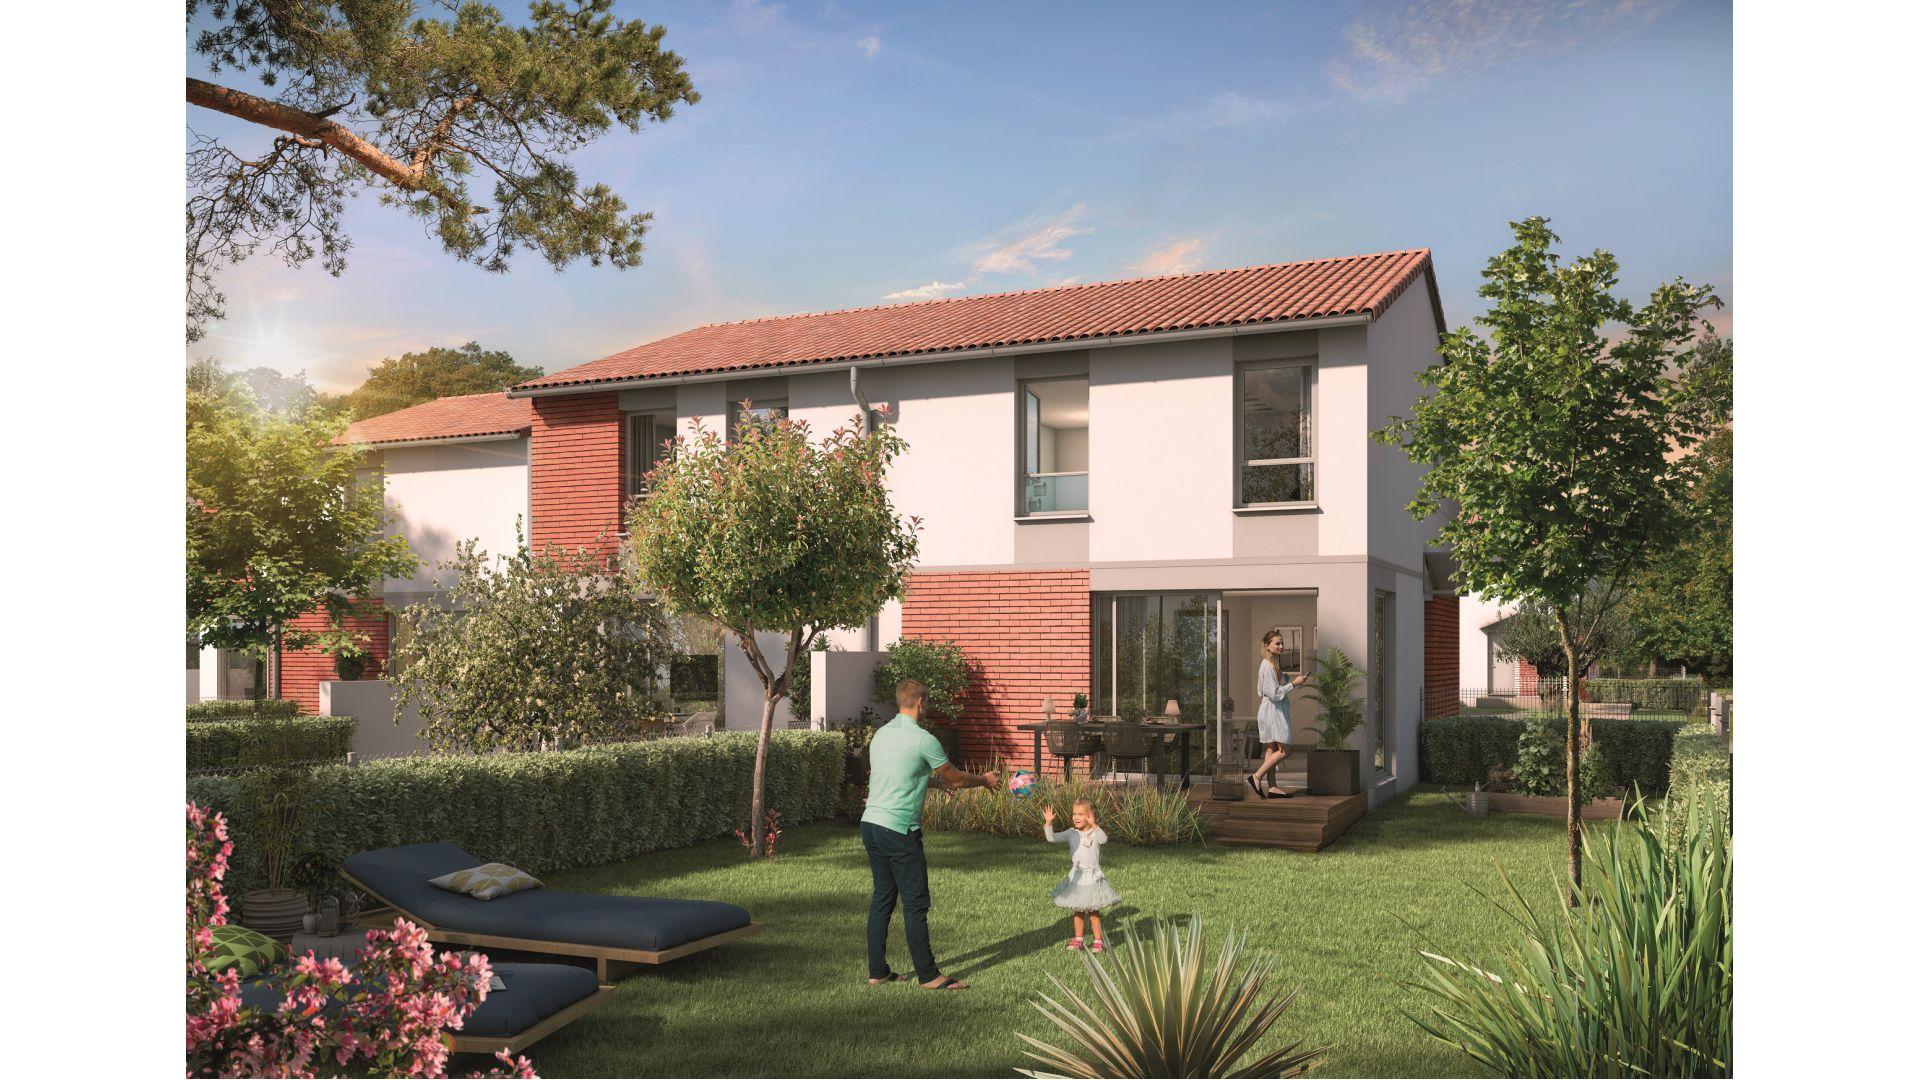 Greencity Immobilier - Domaine du Haumont - achat appartements et villas du T2 bis au T5 - Pins-Justaret 31860 - villa T4